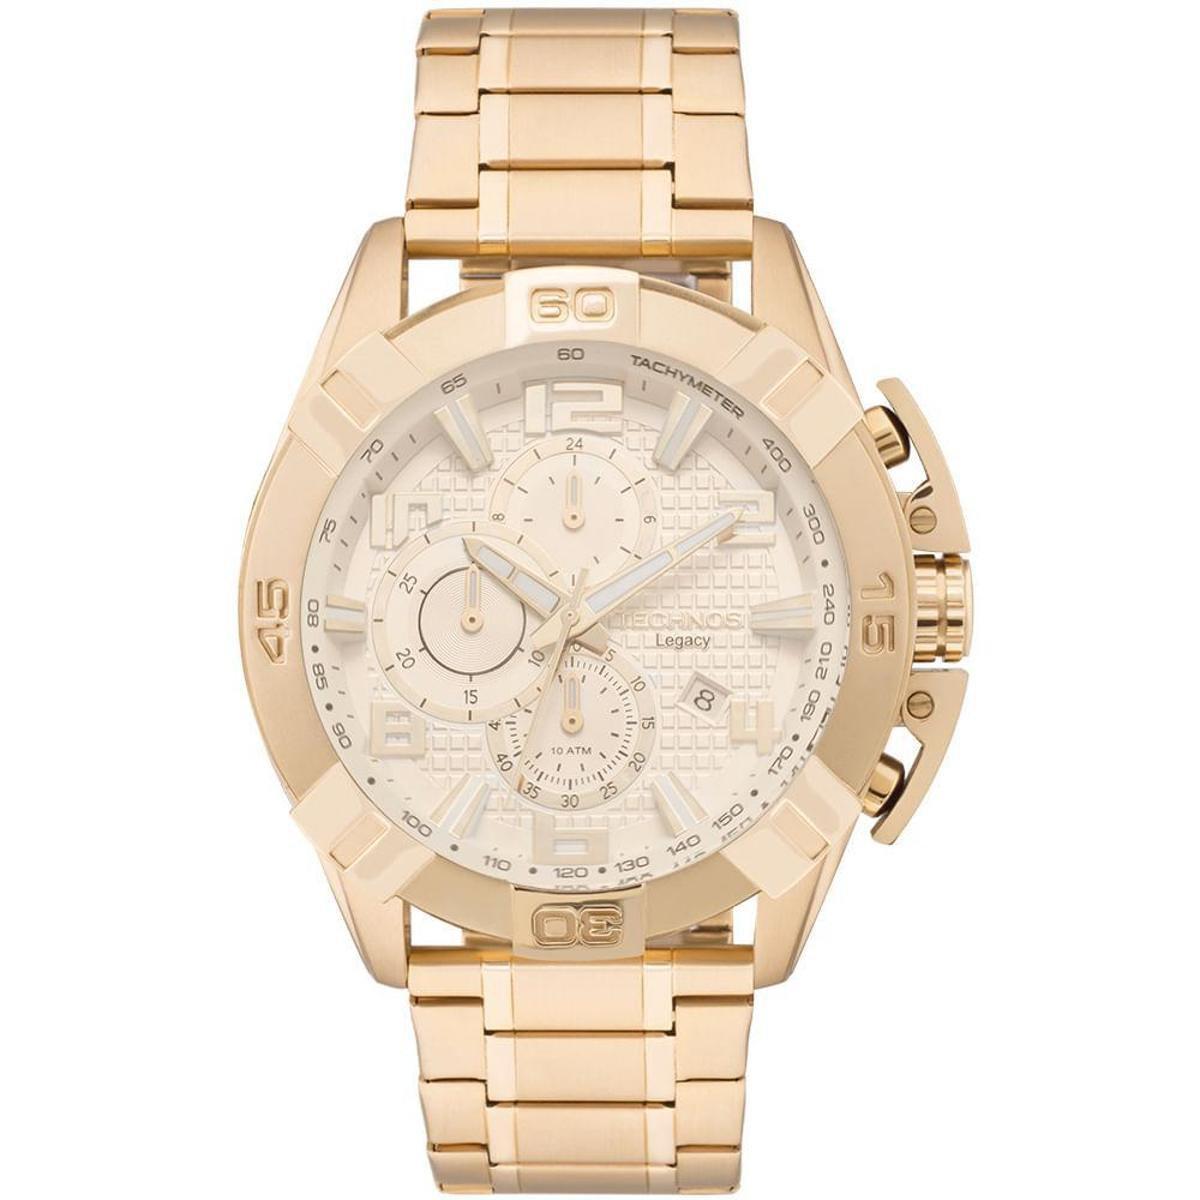 e2bdcc8e01ea4 Relógio Technos Masculino Classic Legacy - JS15BE 4X JS15BE 4X - Dourado -  Compre Agora